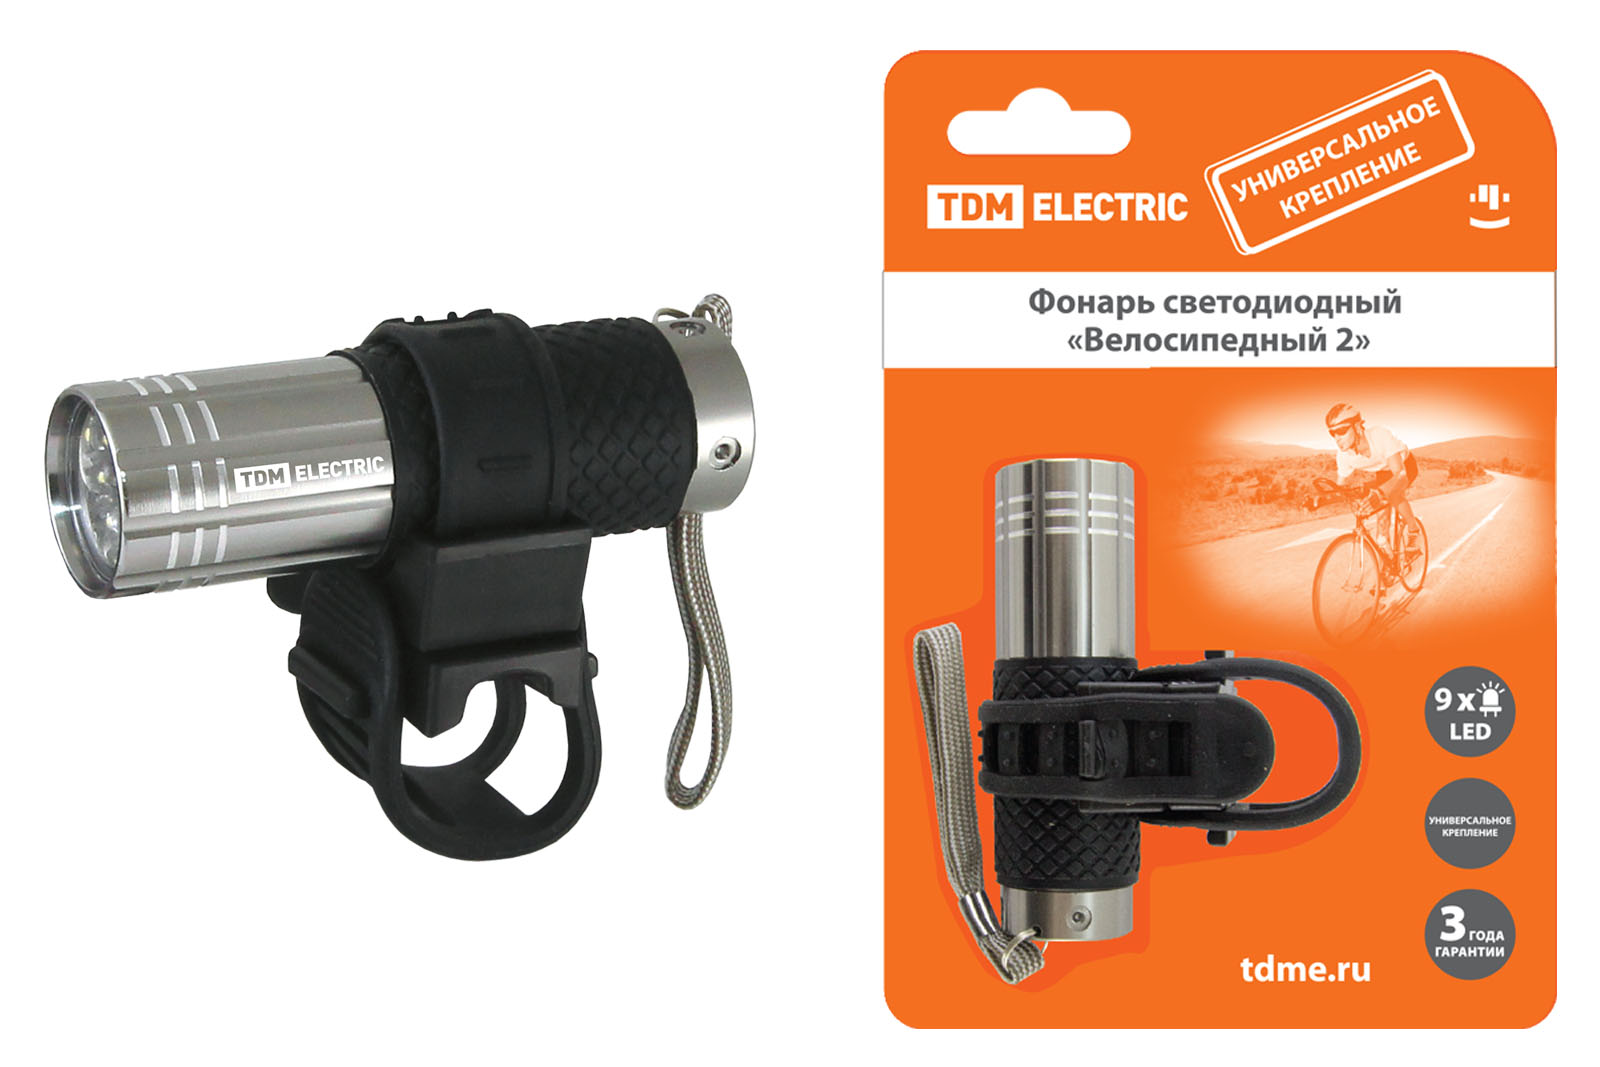 Фонарь Tdm Sq0350-0028 Велосипедный 2 фонарь tdm electric sq0350 0001